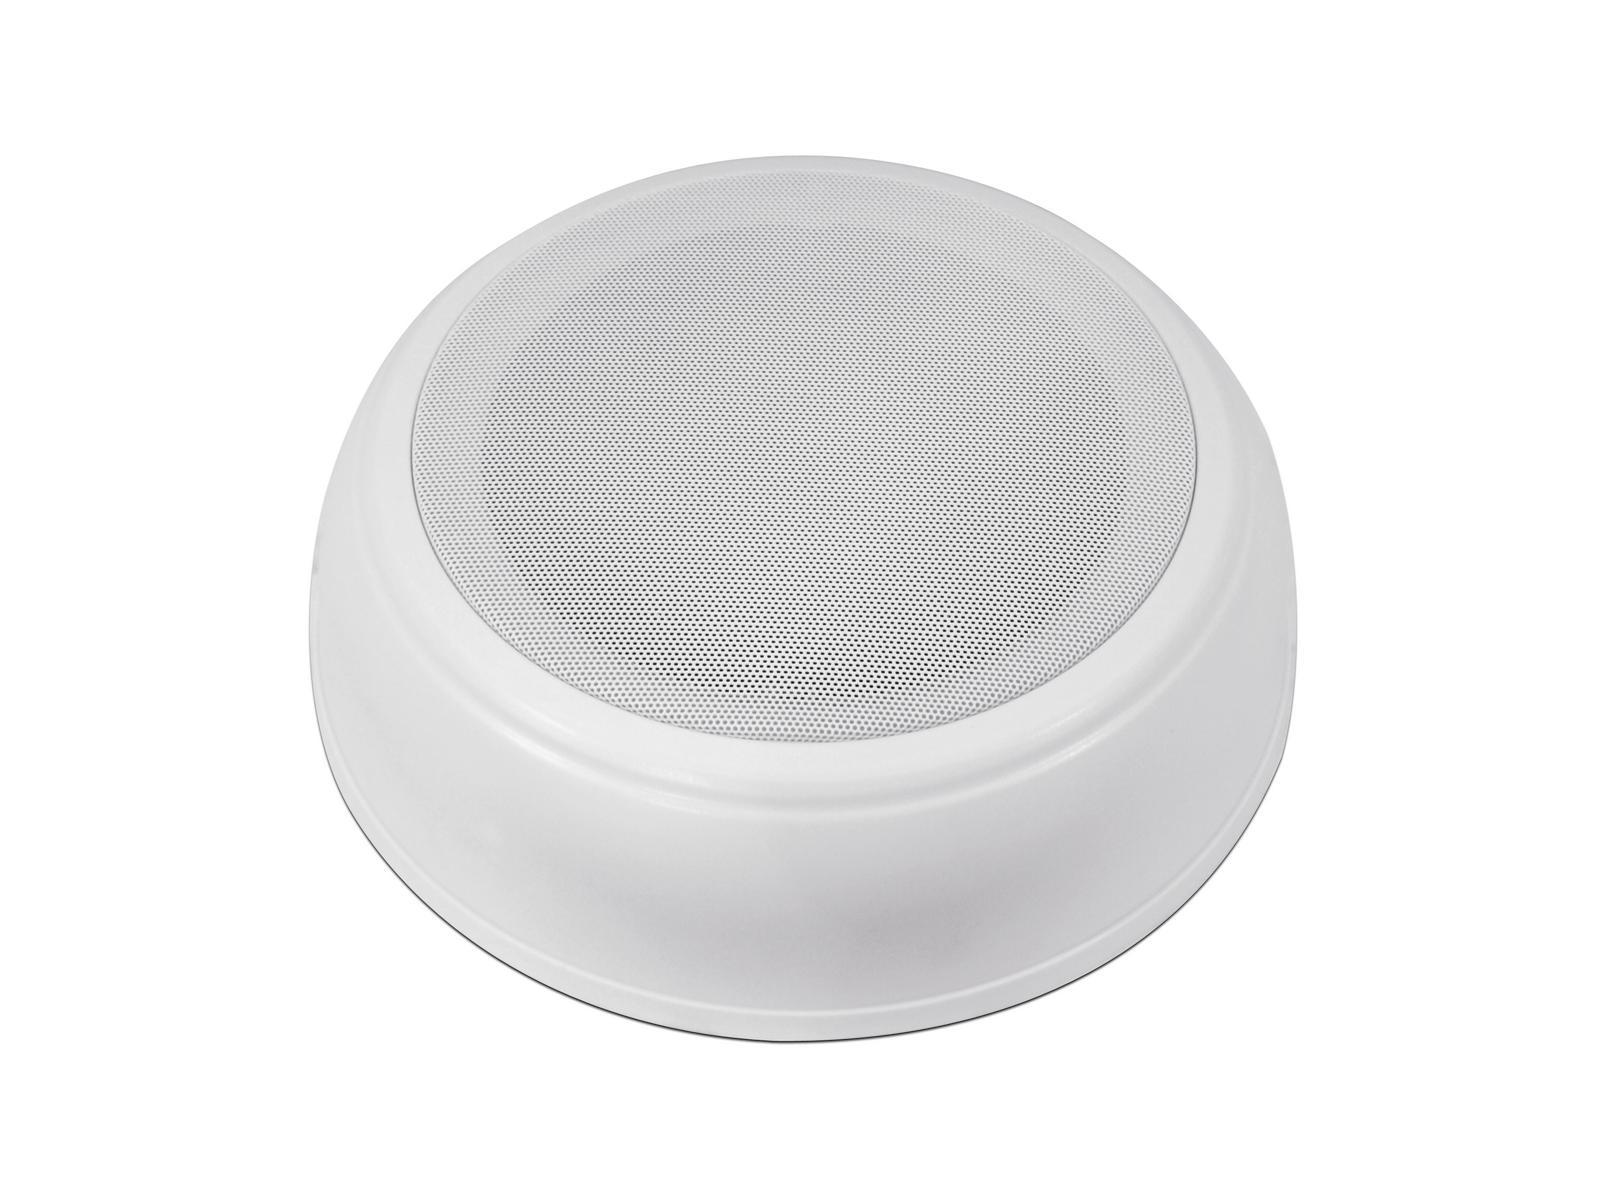 Cassa diffusore da soffitto parete 10 watt OMNITRONIC DAL-2